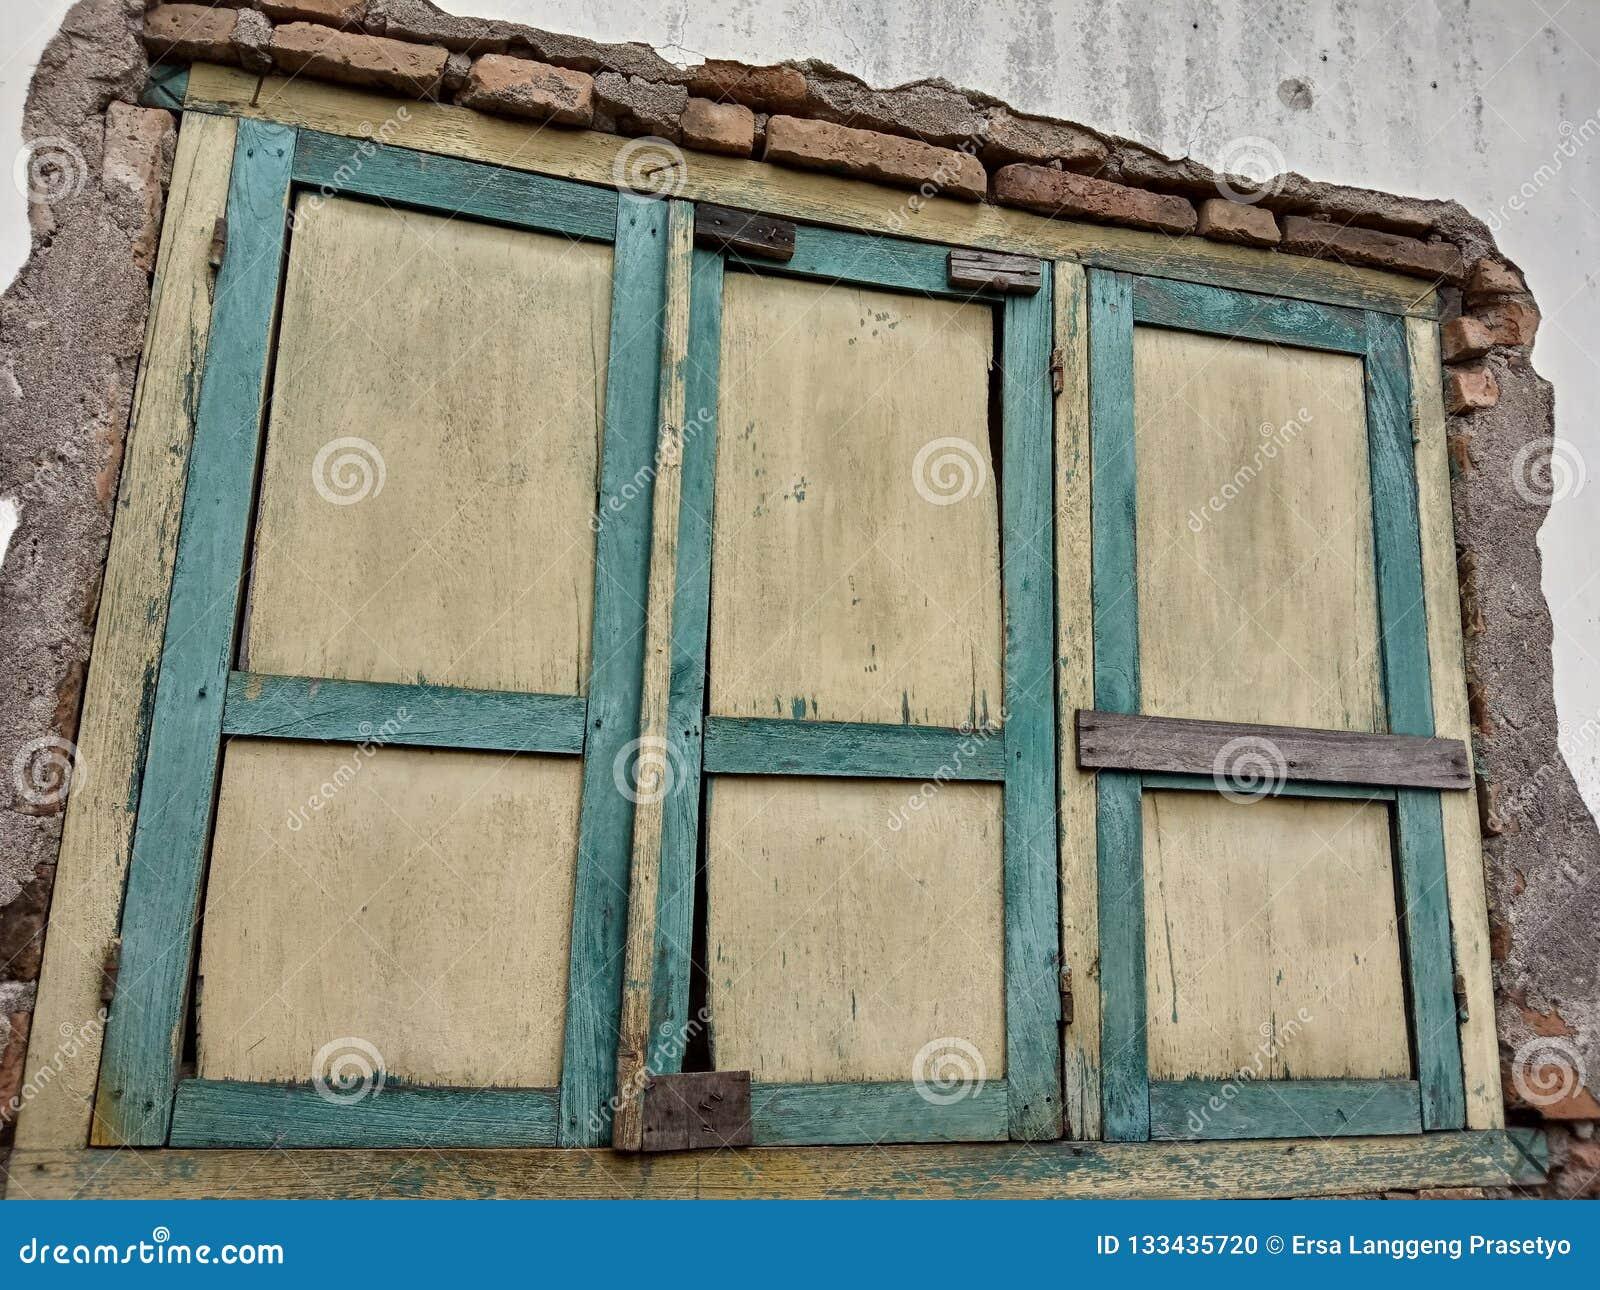 Nelle case con le vecchie finestre può essere raccomandato per fondo